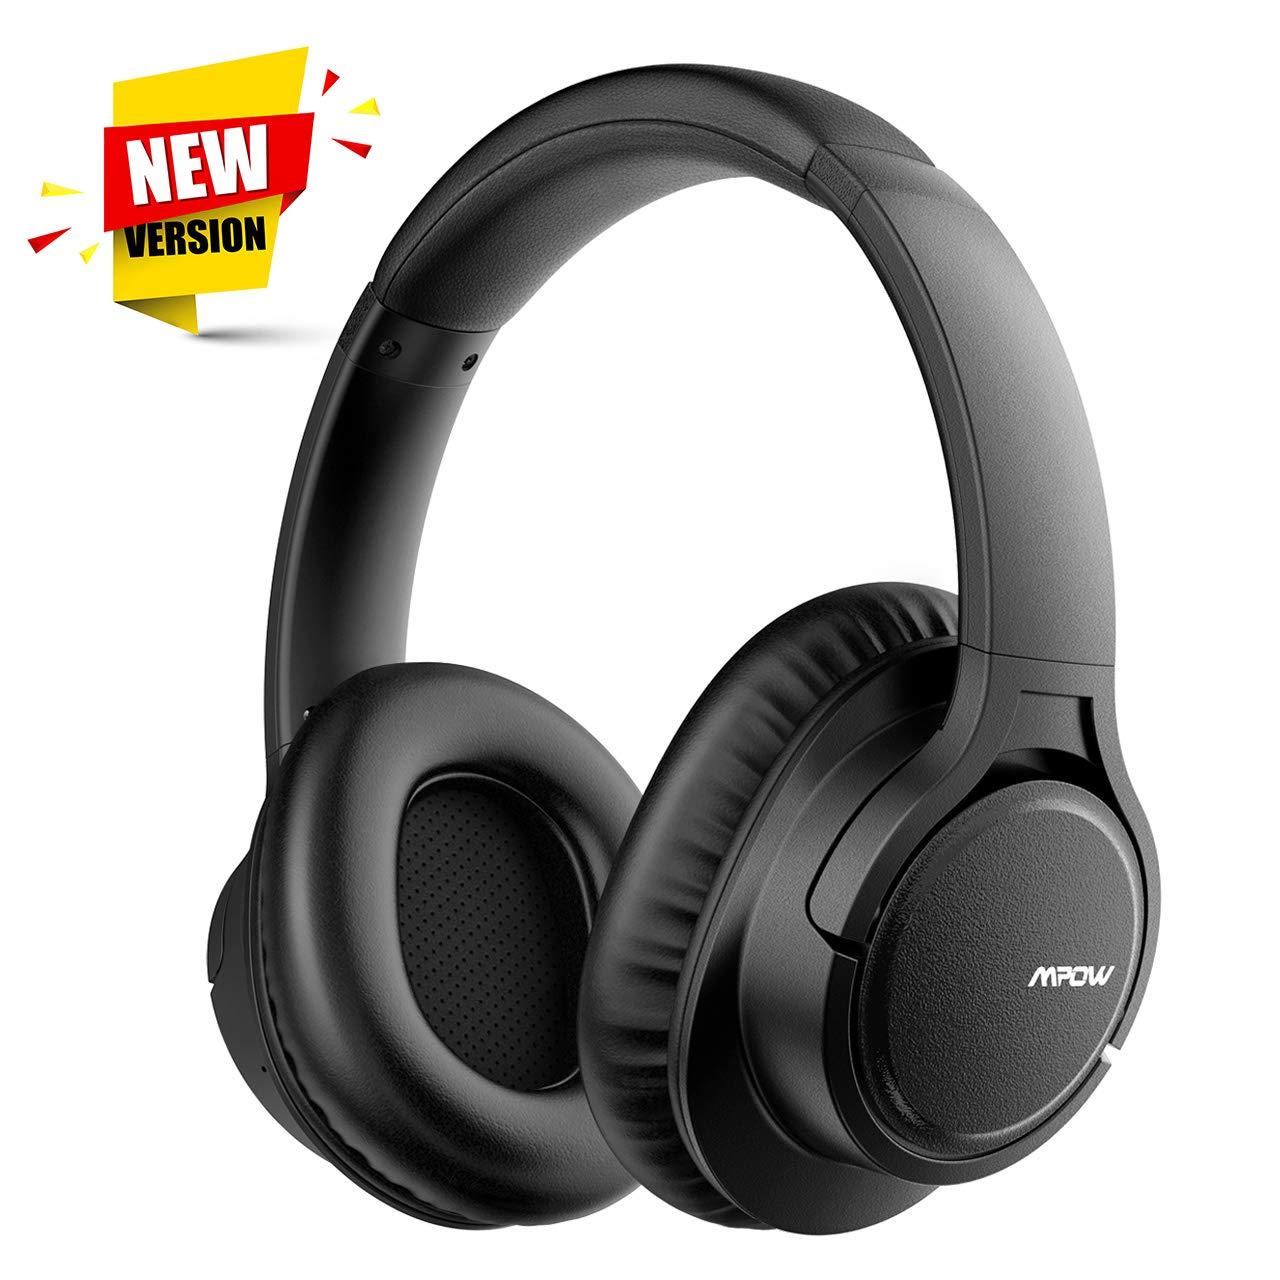 7a7f6b926cc61e Mpow 【Versione Aggiornata Cuffie Bluetooth H7, Hi-Fi Audio, Cuffie  Bluetooth CSR